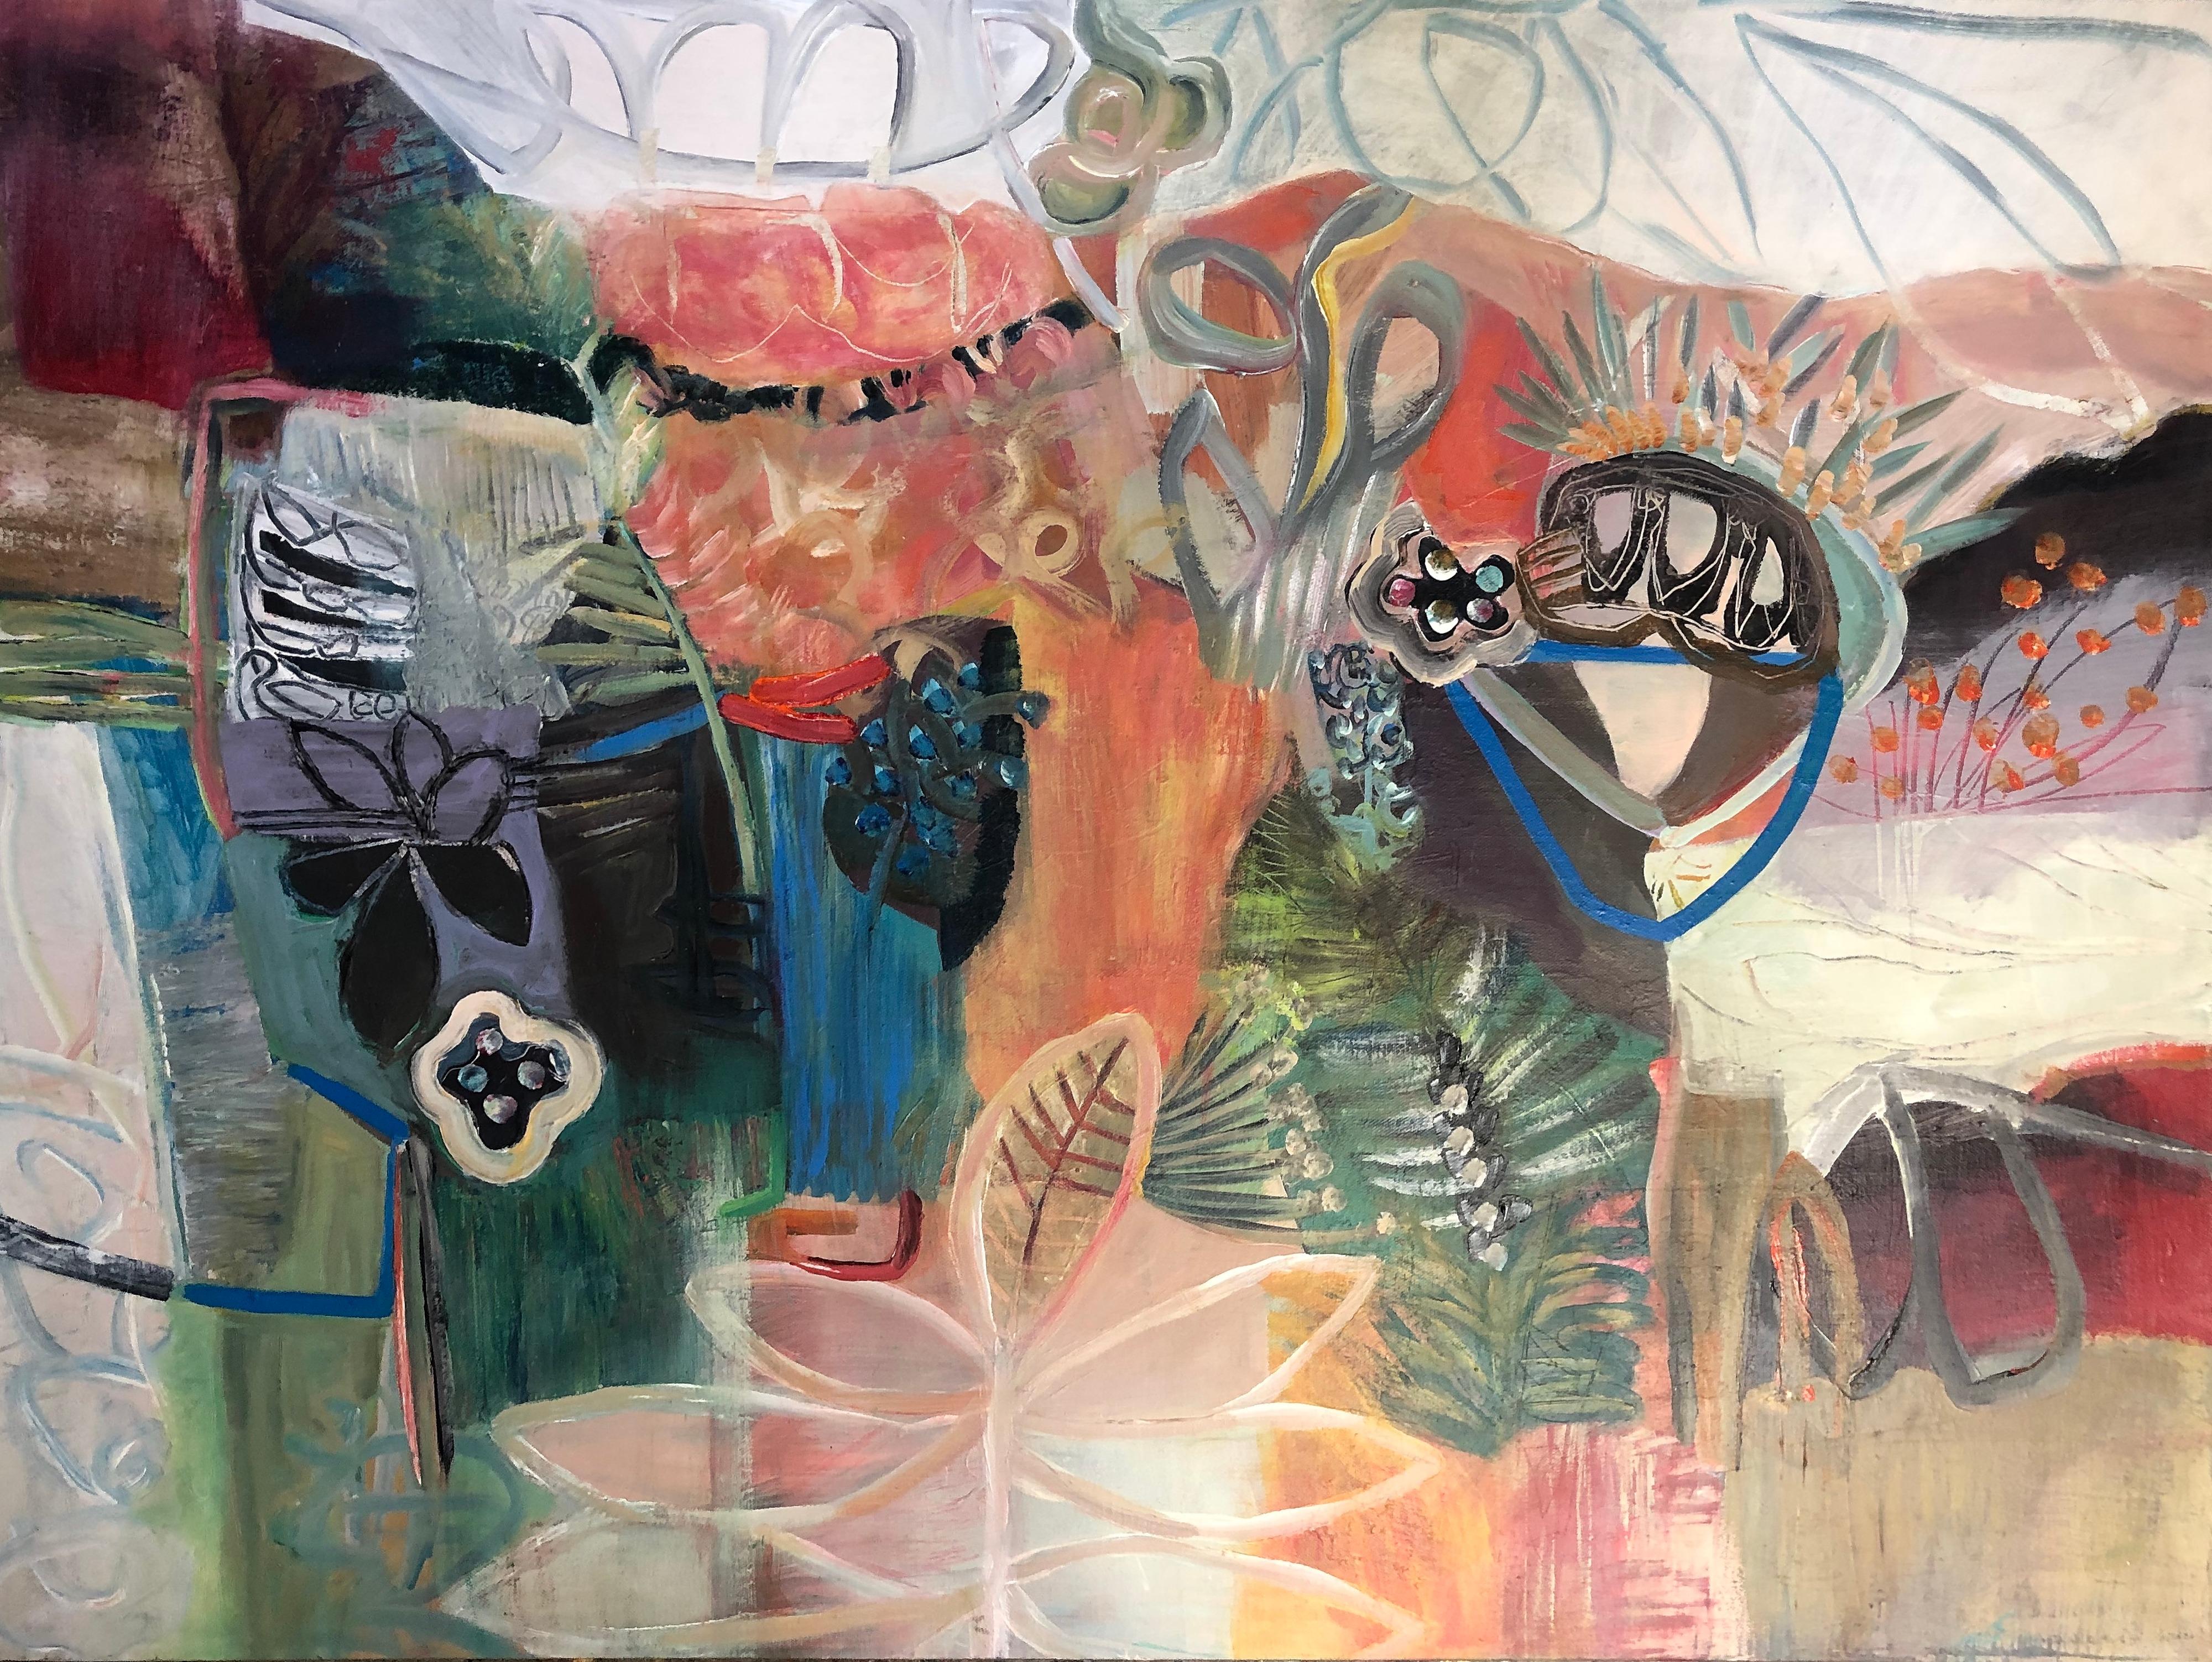 Primeval by Sarah Van Beckum   ArtworkNetwork.com